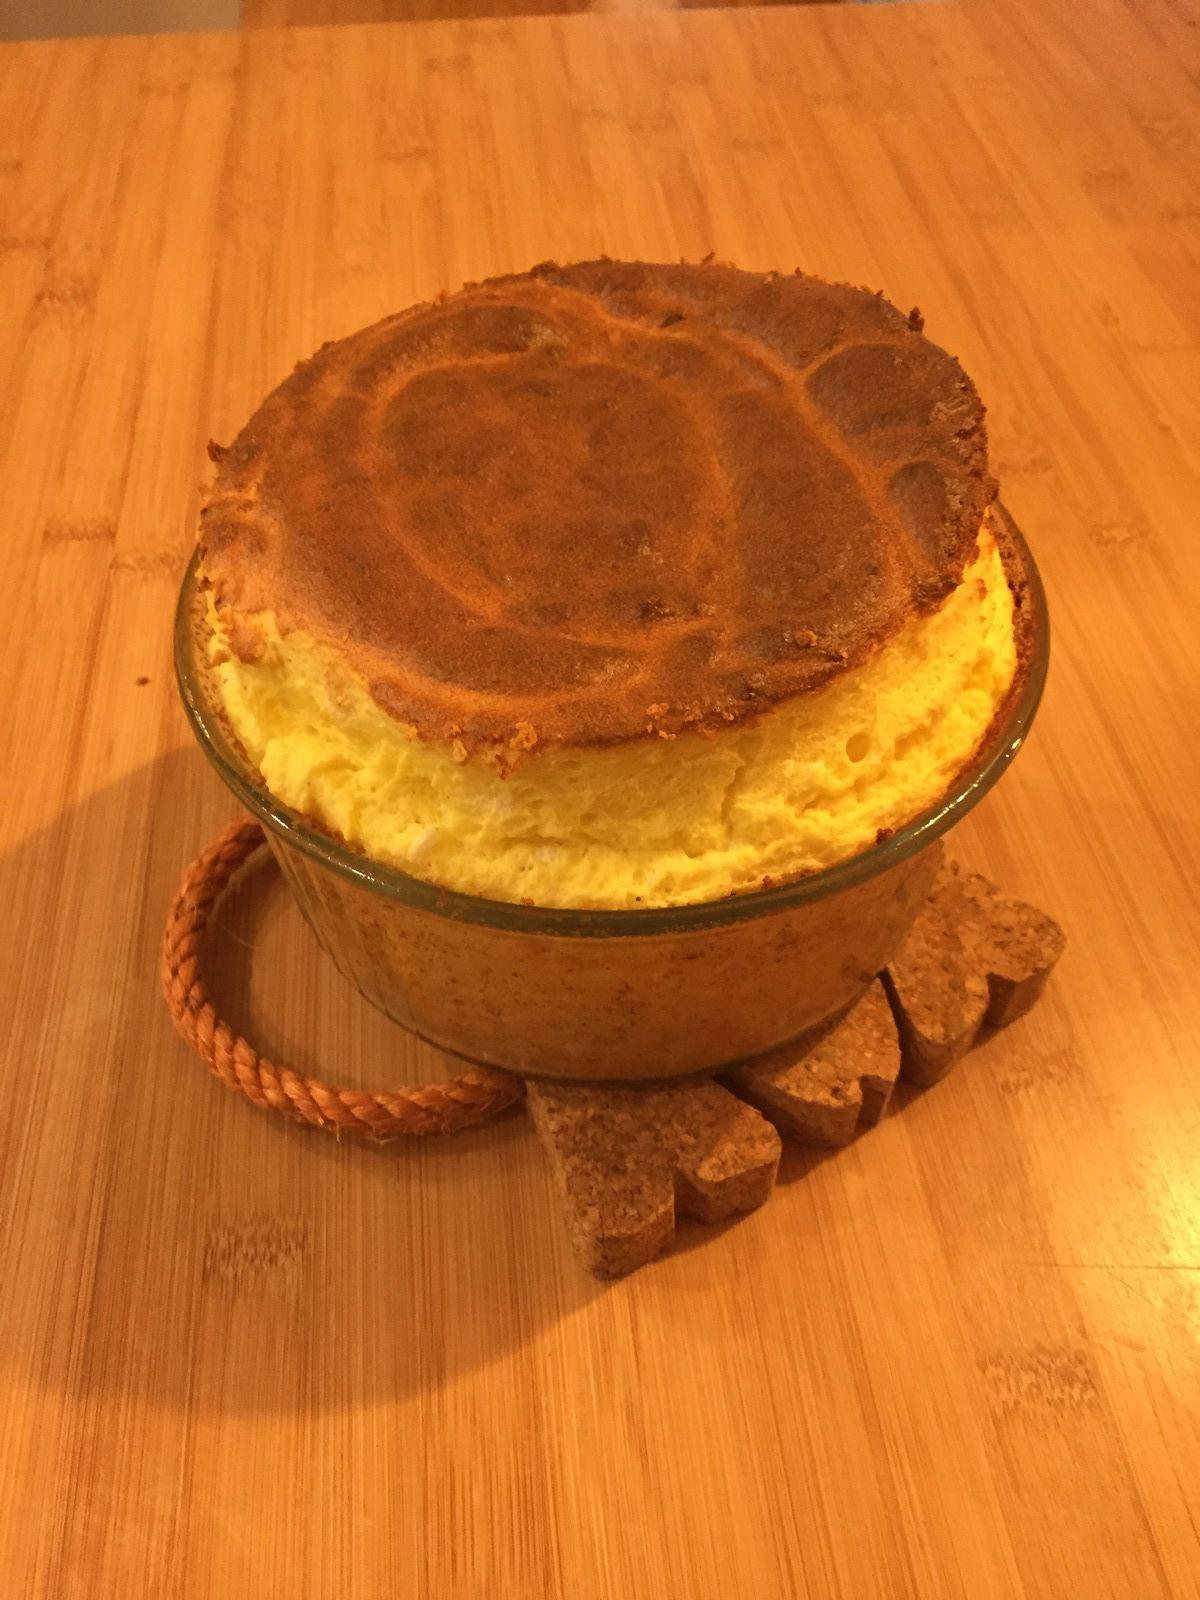 Le soufflé au fromage, recette de Cyril Lignac